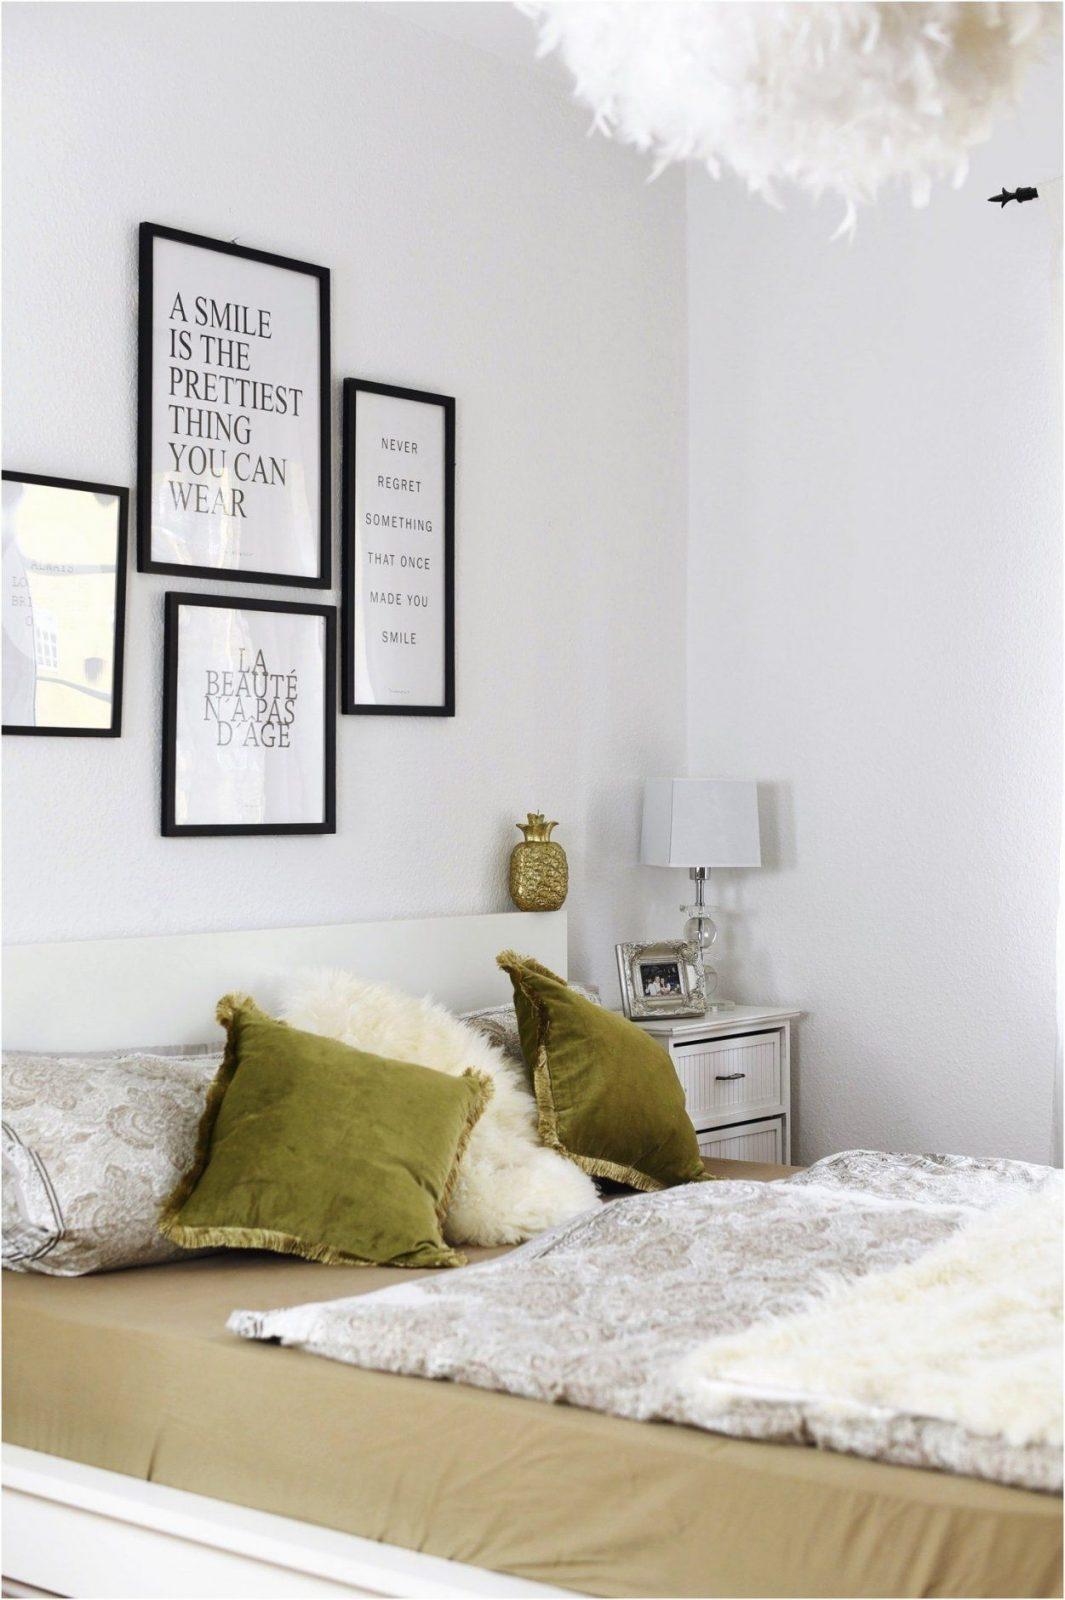 Schlafzimmer Gepflegt Dekoration Schlafzimmer Ideen Schlafzimmer von Wanddeko Schlafzimmer Selber Machen Bild